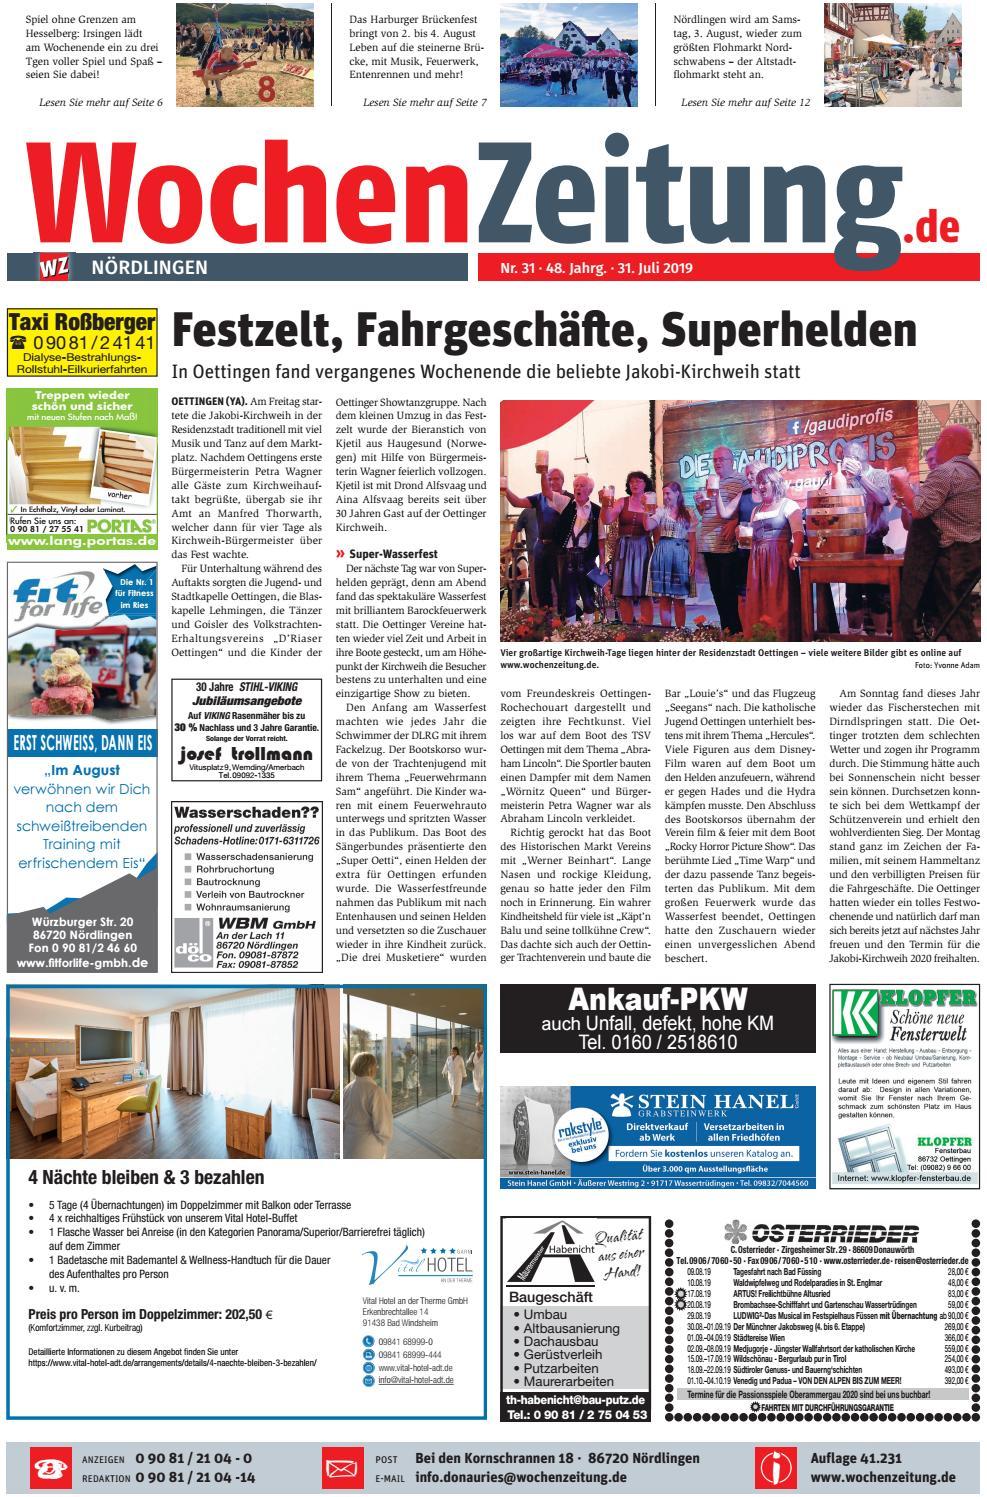 Schlampe aus Harburg (Schwaben)